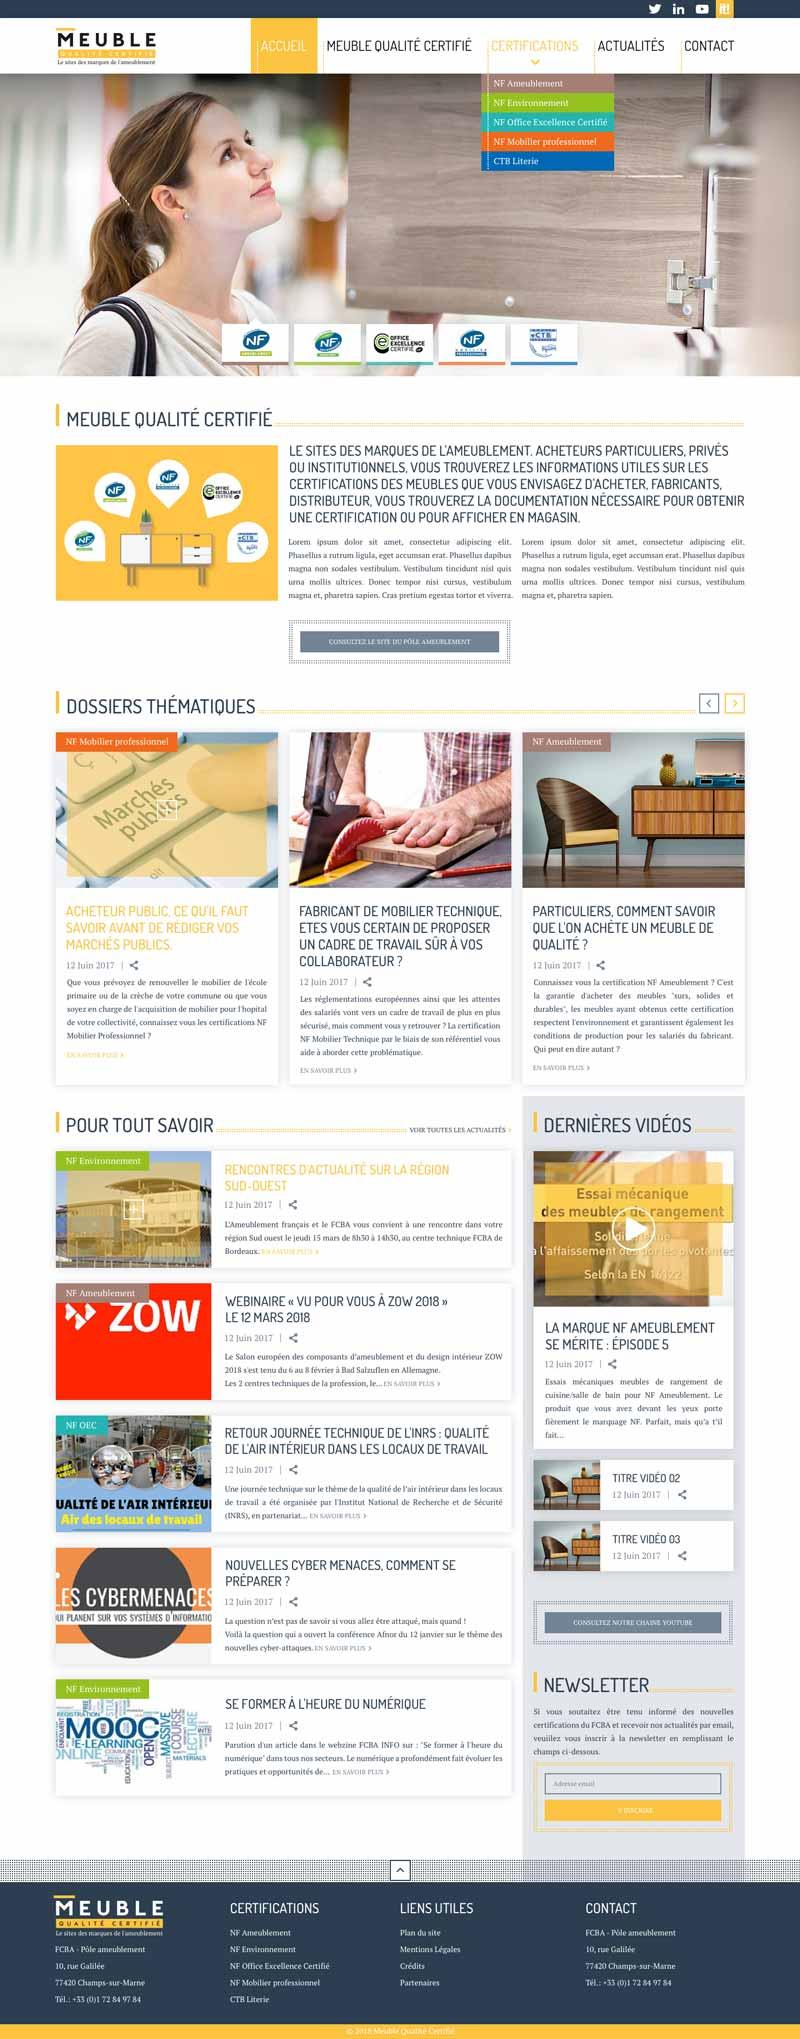 Page d'accueil du site internet Meuble Qualité Certifié